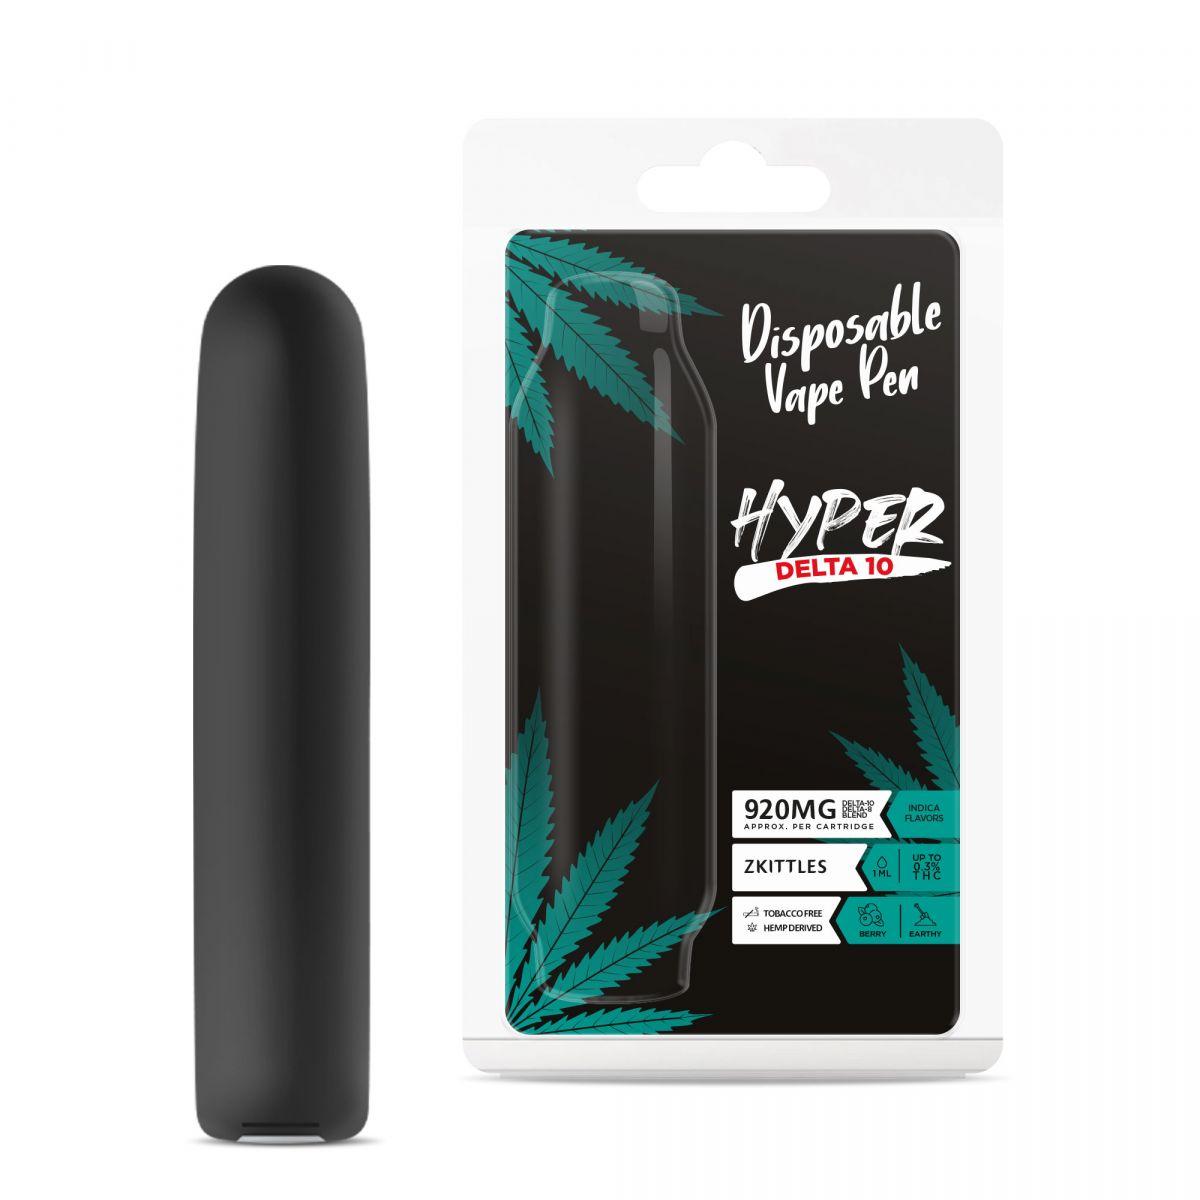 hyper-delta-10-thc-disposable-vape-pen-zkittles-920mg_1